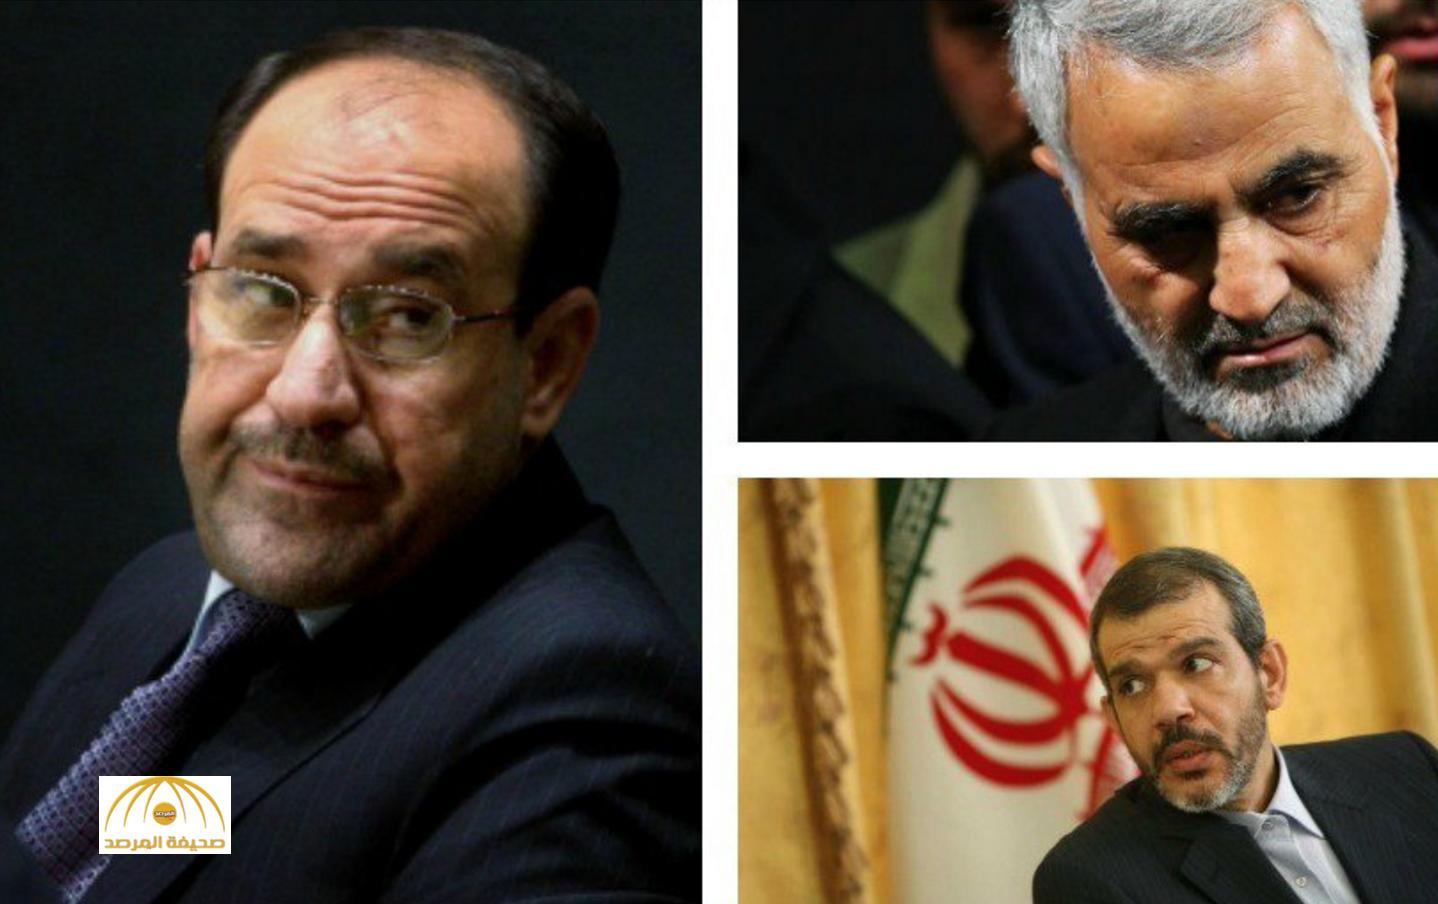 مصادر تكشف ..هؤلاء من خططوا لاغتيال السفير السعودي في بغداد